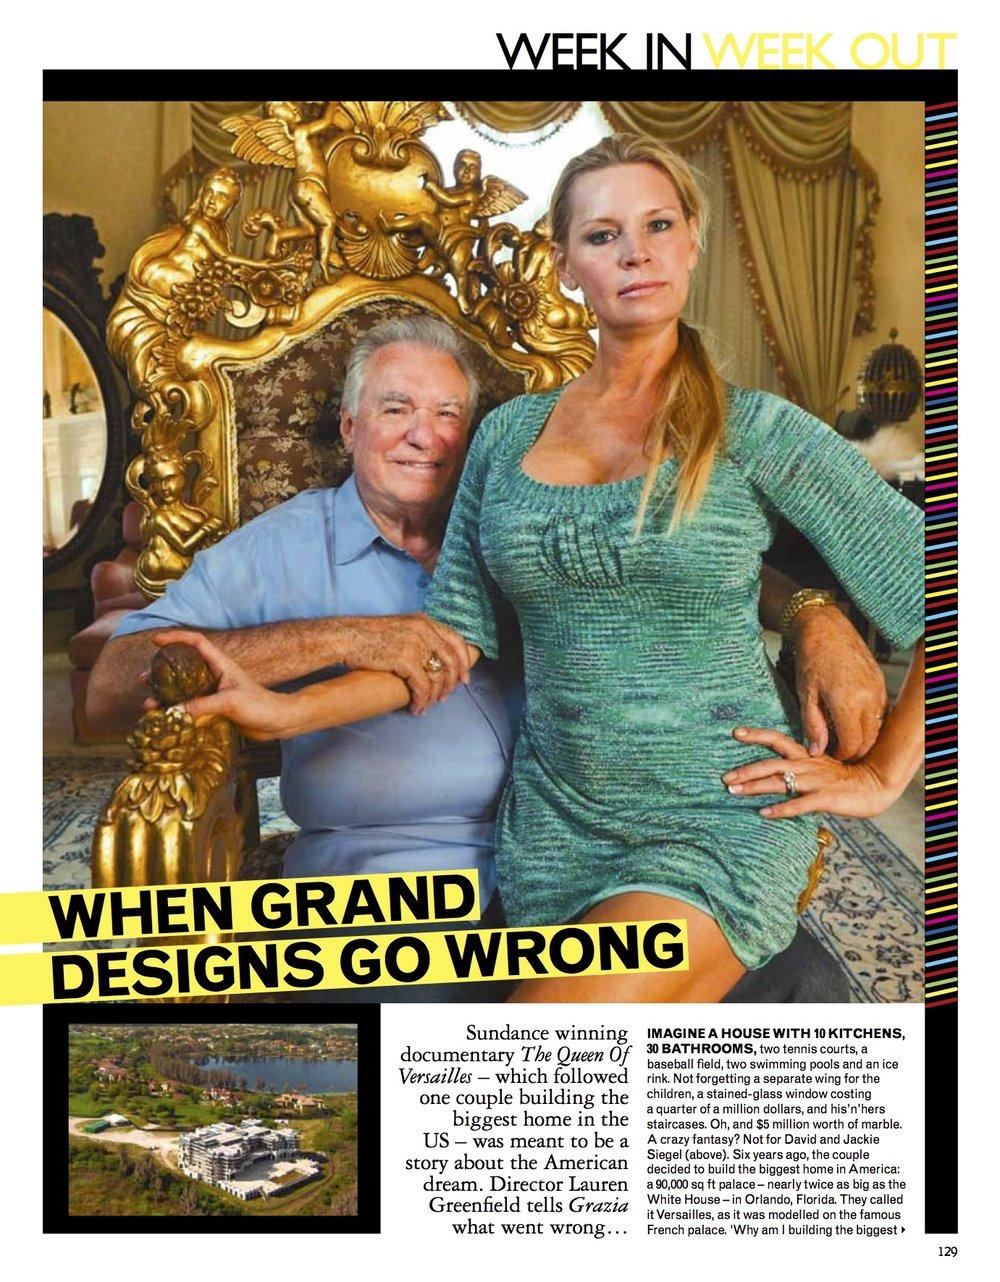 Grazia Queen of Versaille1.jpg